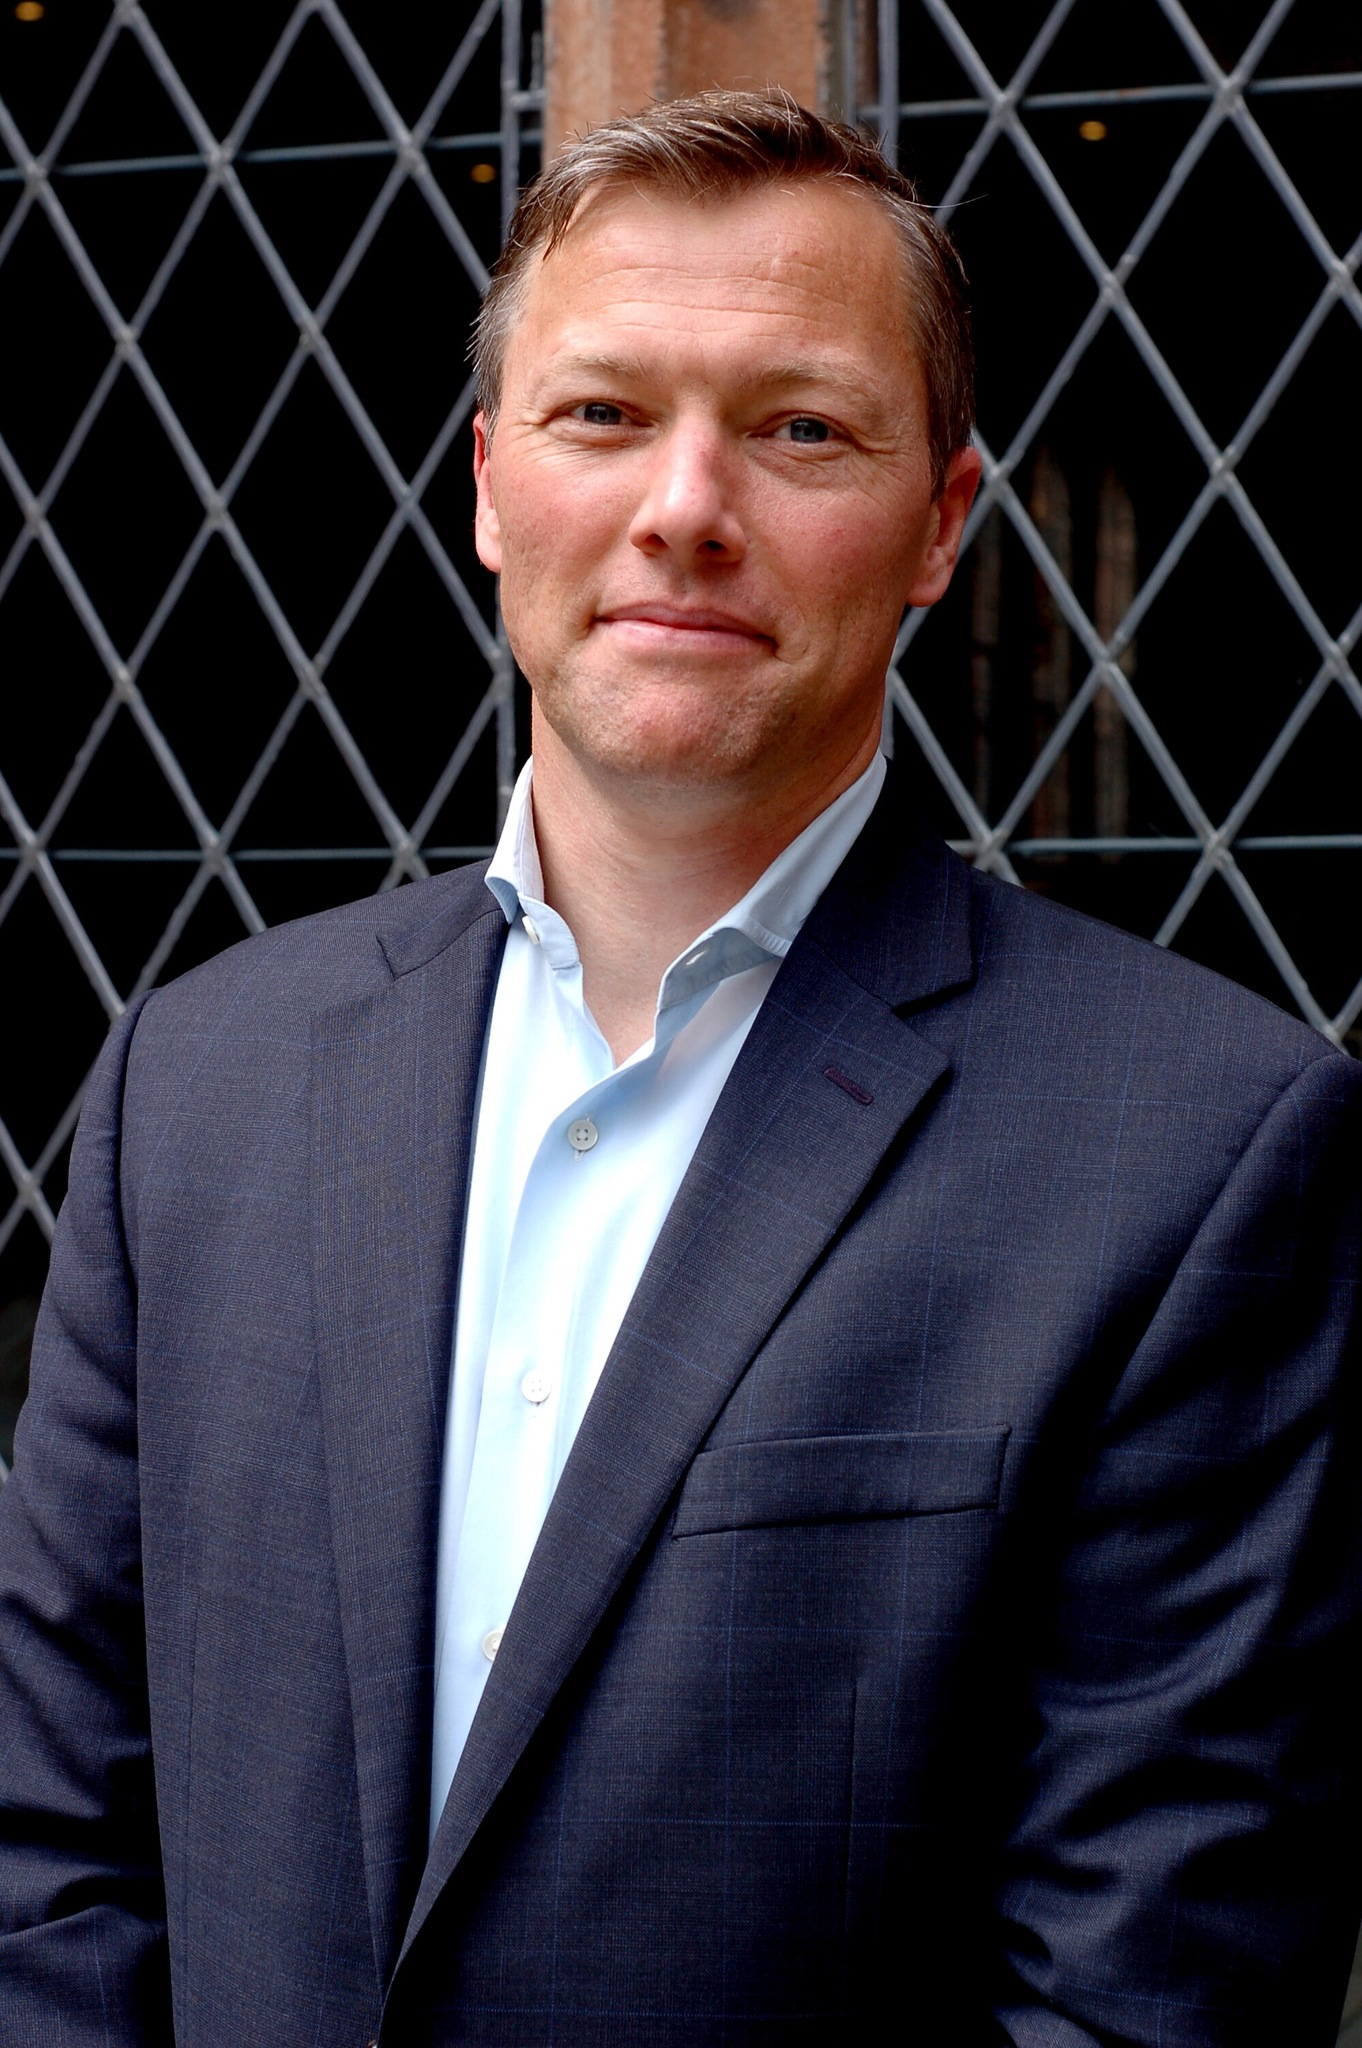 Dr. Matthew Desmond